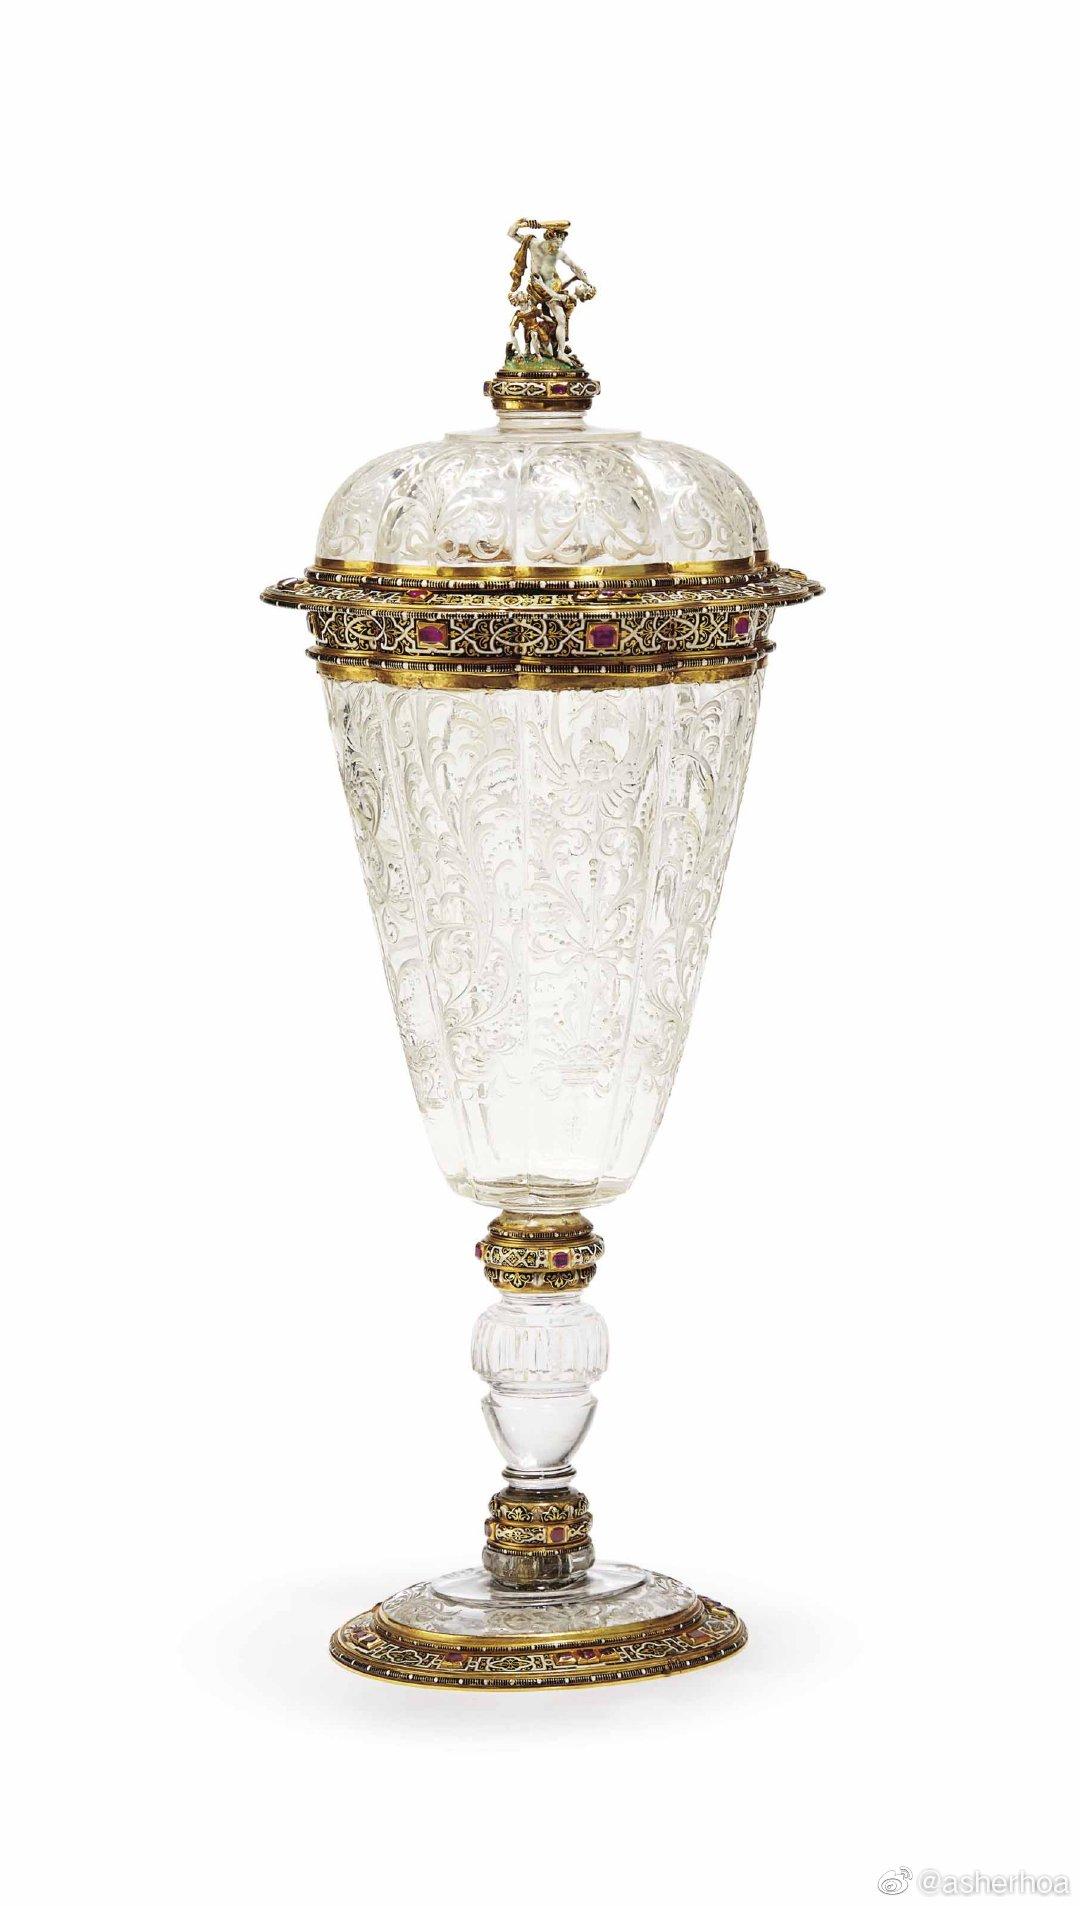 1870年左右REINHOLD VASTERS制作于德国亚琛的镶金水晶杯